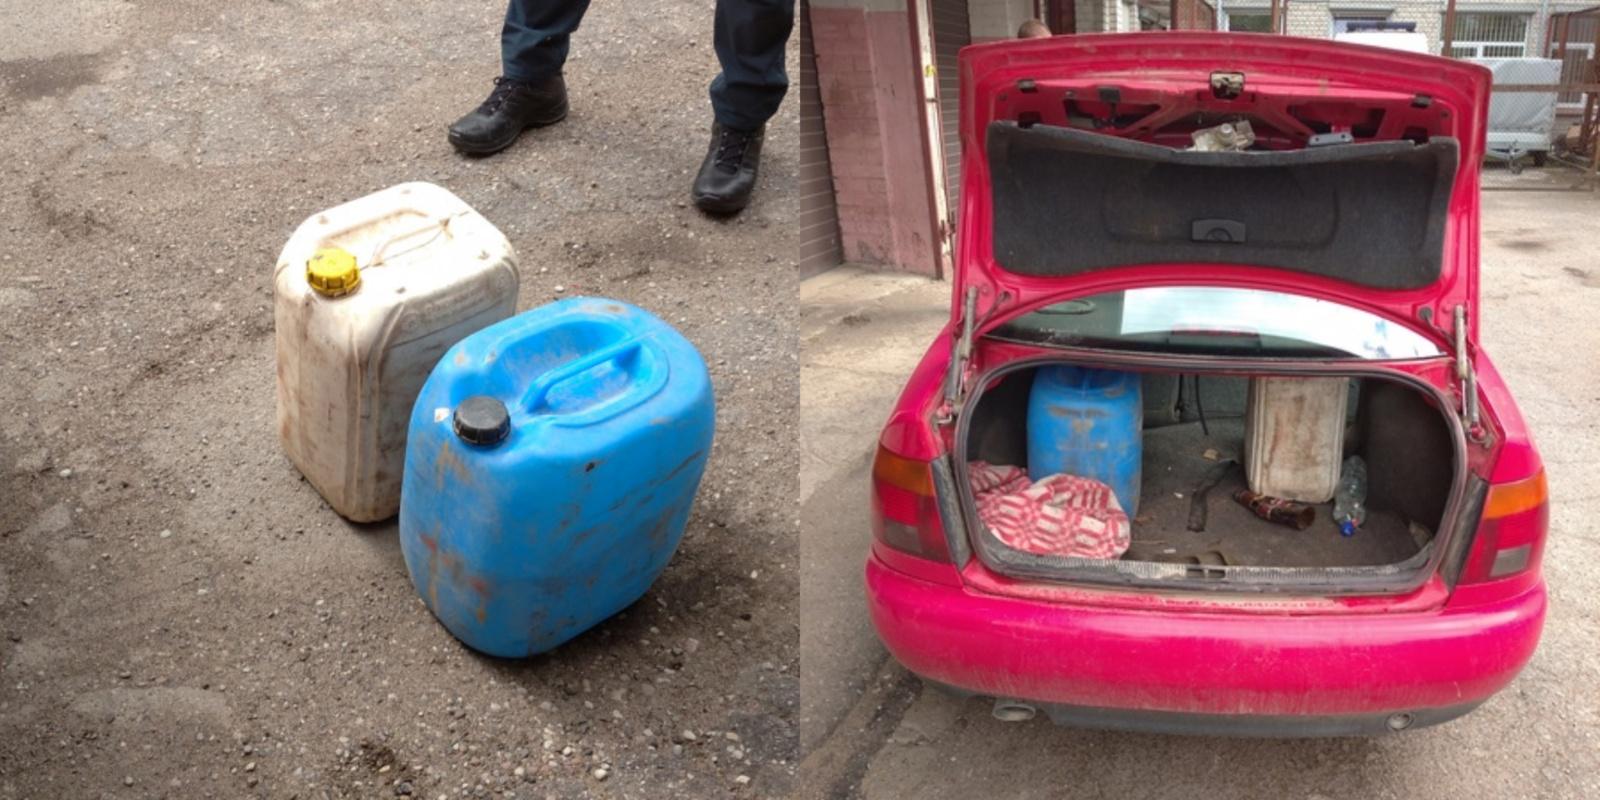 Pajūrio miestelyje sustabdytas automobilis: rasta naminės degtinės